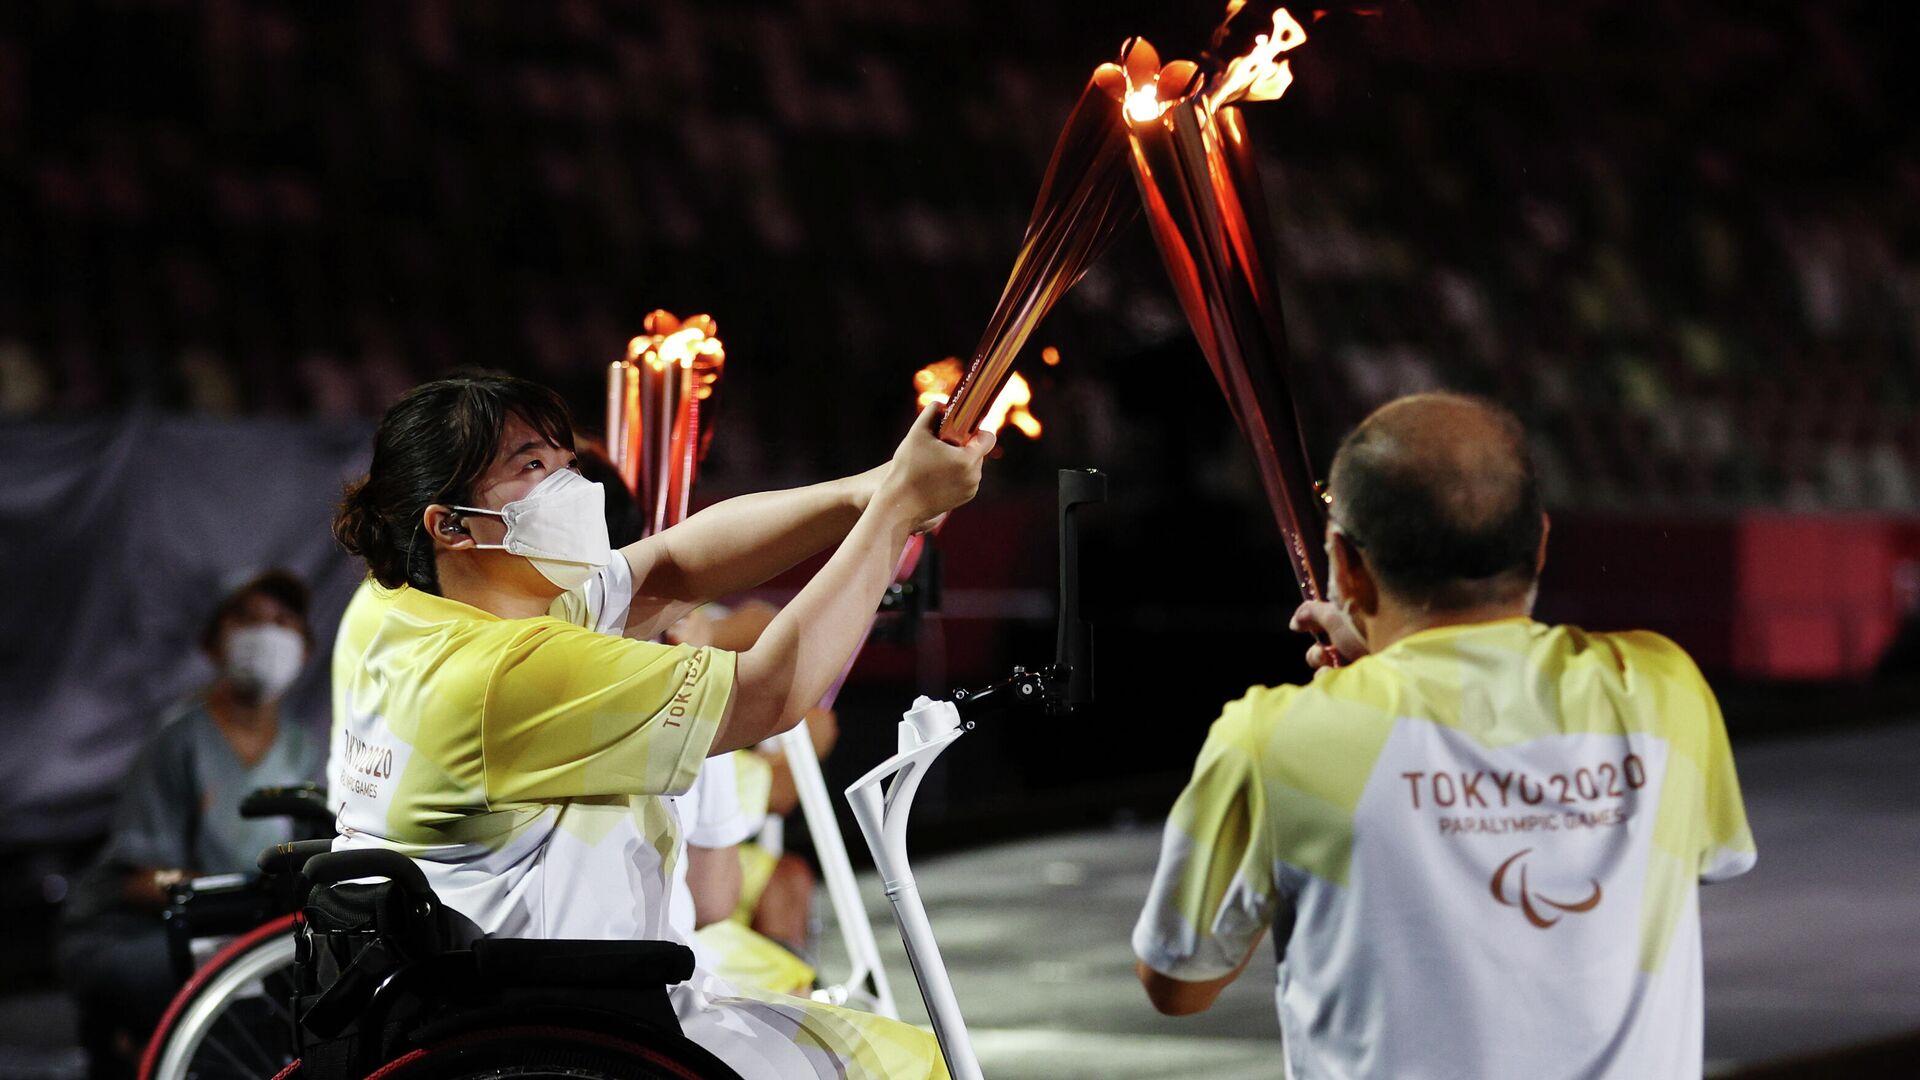 Ceremonia de apertura de los Juegos Paralímpicos de Tokio - Sputnik Mundo, 1920, 24.08.2021